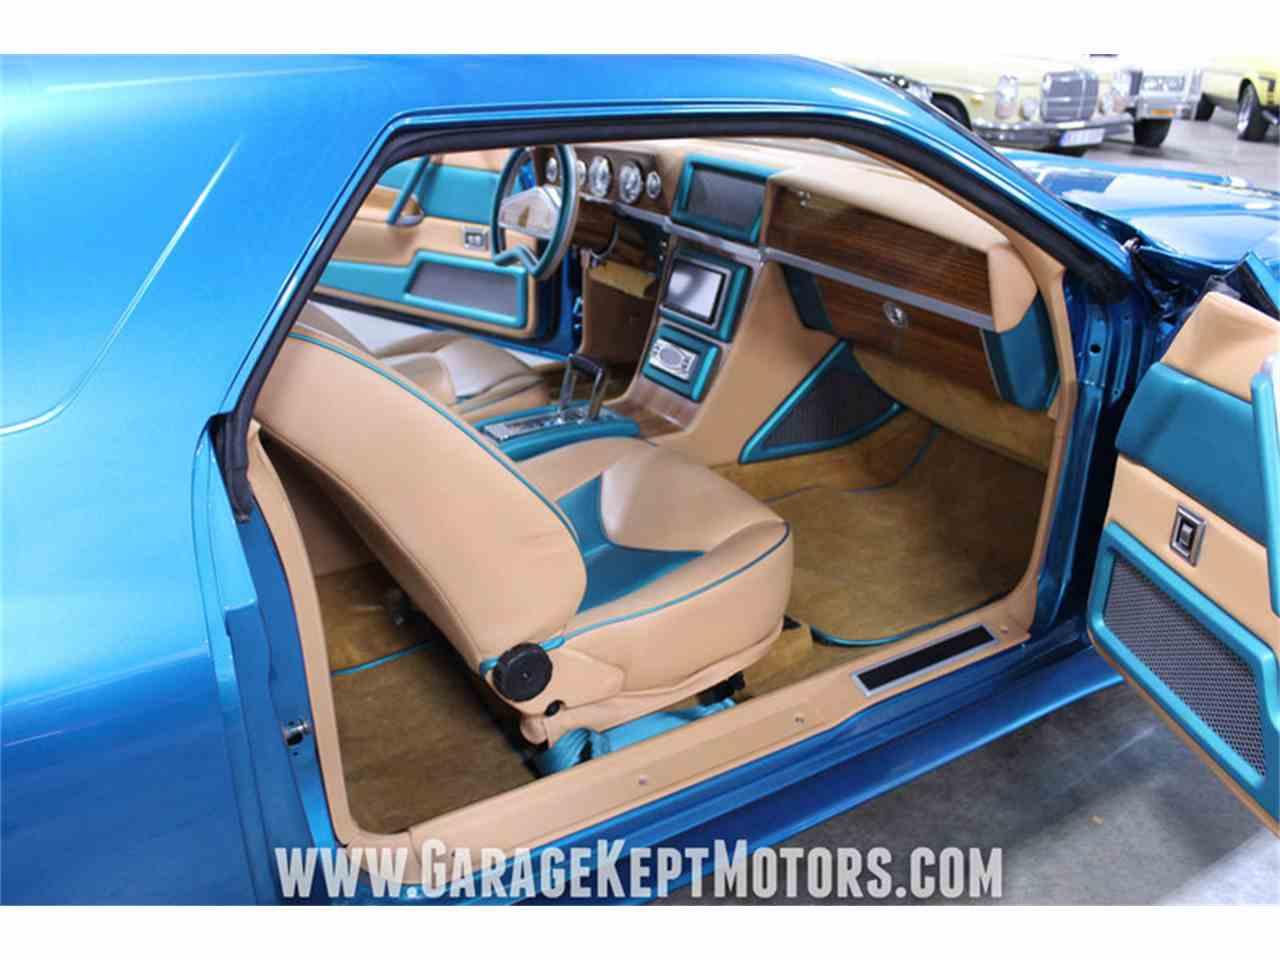 Large Picture of 1978 Dodge Magnum - $119,900.00 Offered by Garage Kept Motors - MDQ7